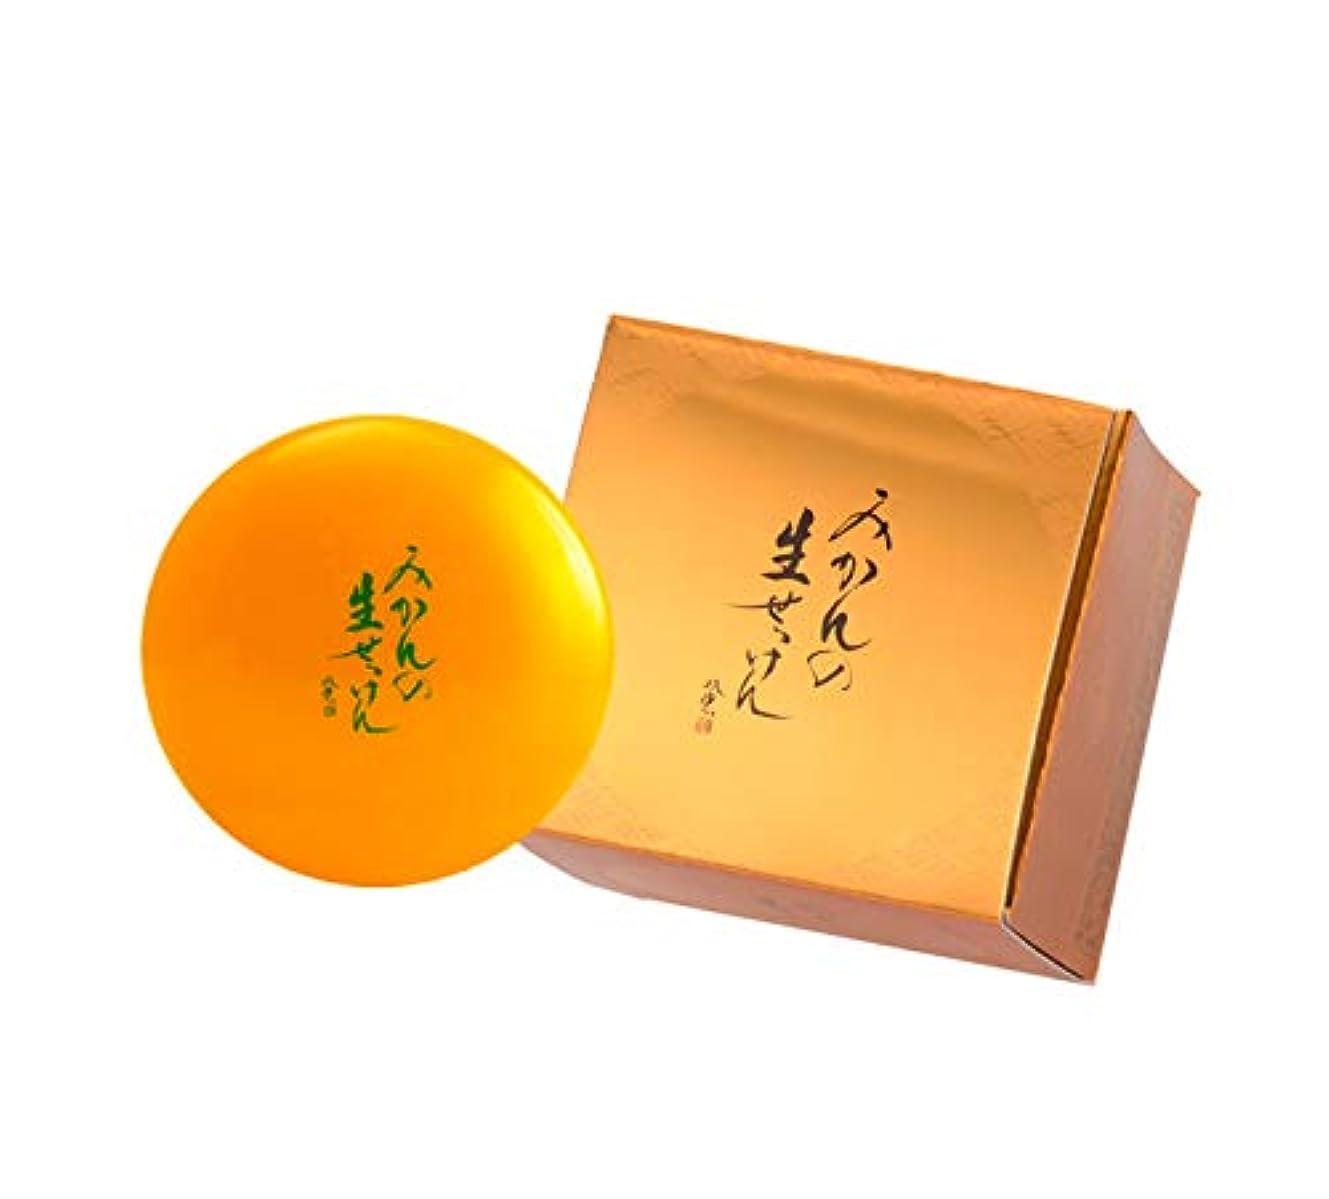 小さな冷蔵庫キャプチャーUYEKI美香柑みかんの生せっけん120g×24個セット